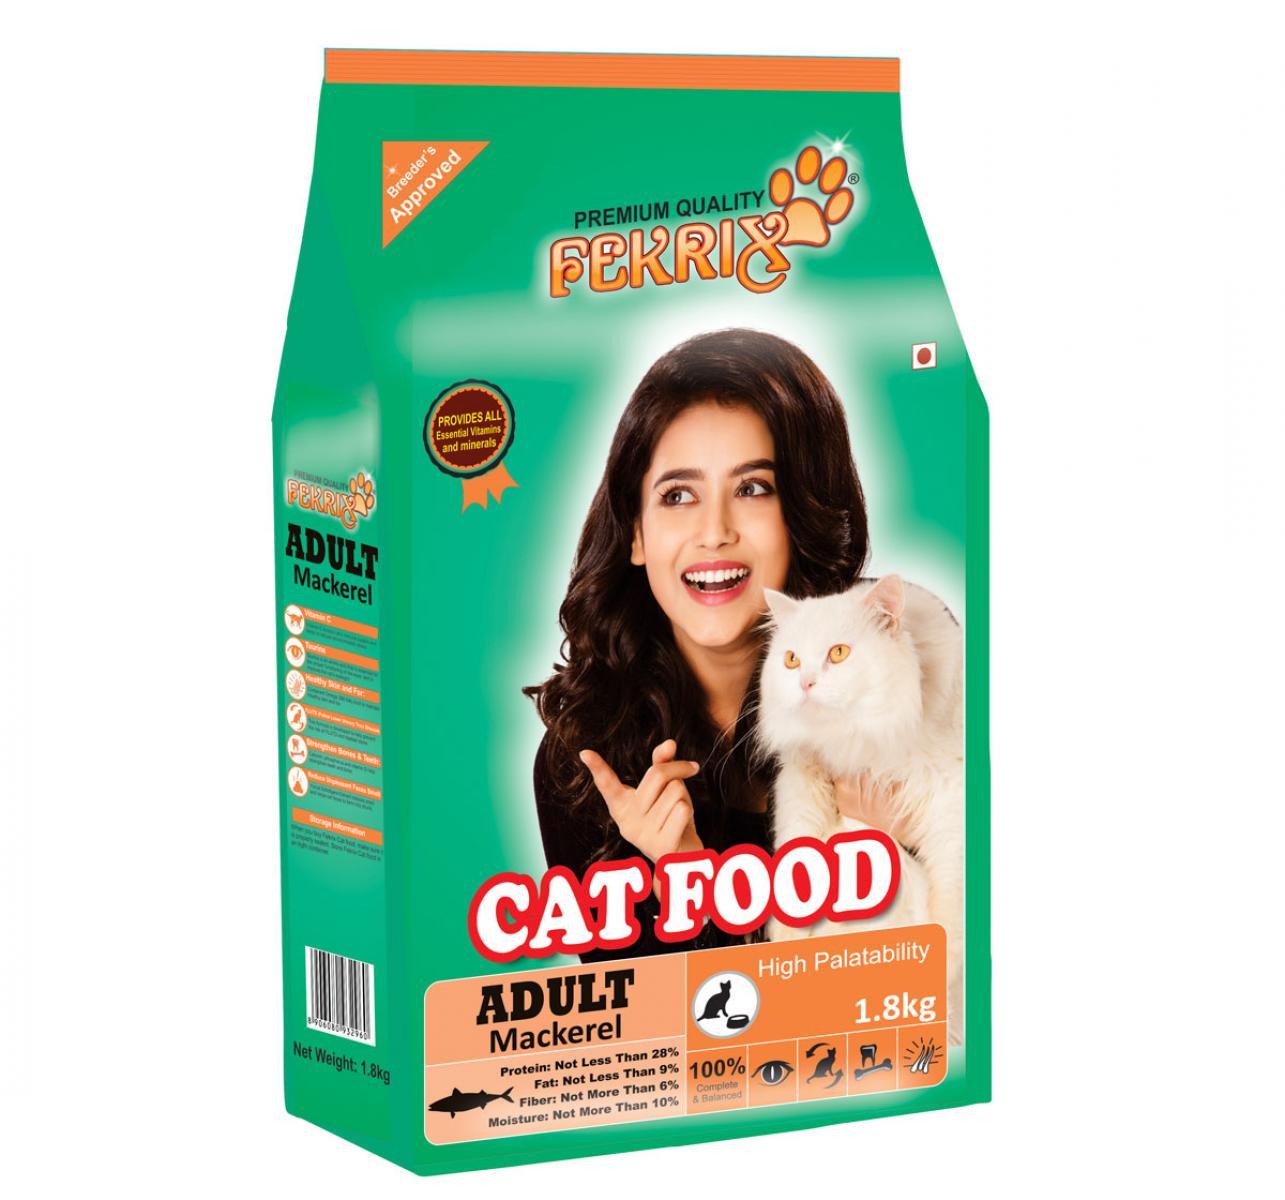 Fekrix Mackeral Adult Cat Food - 1.8 Kg